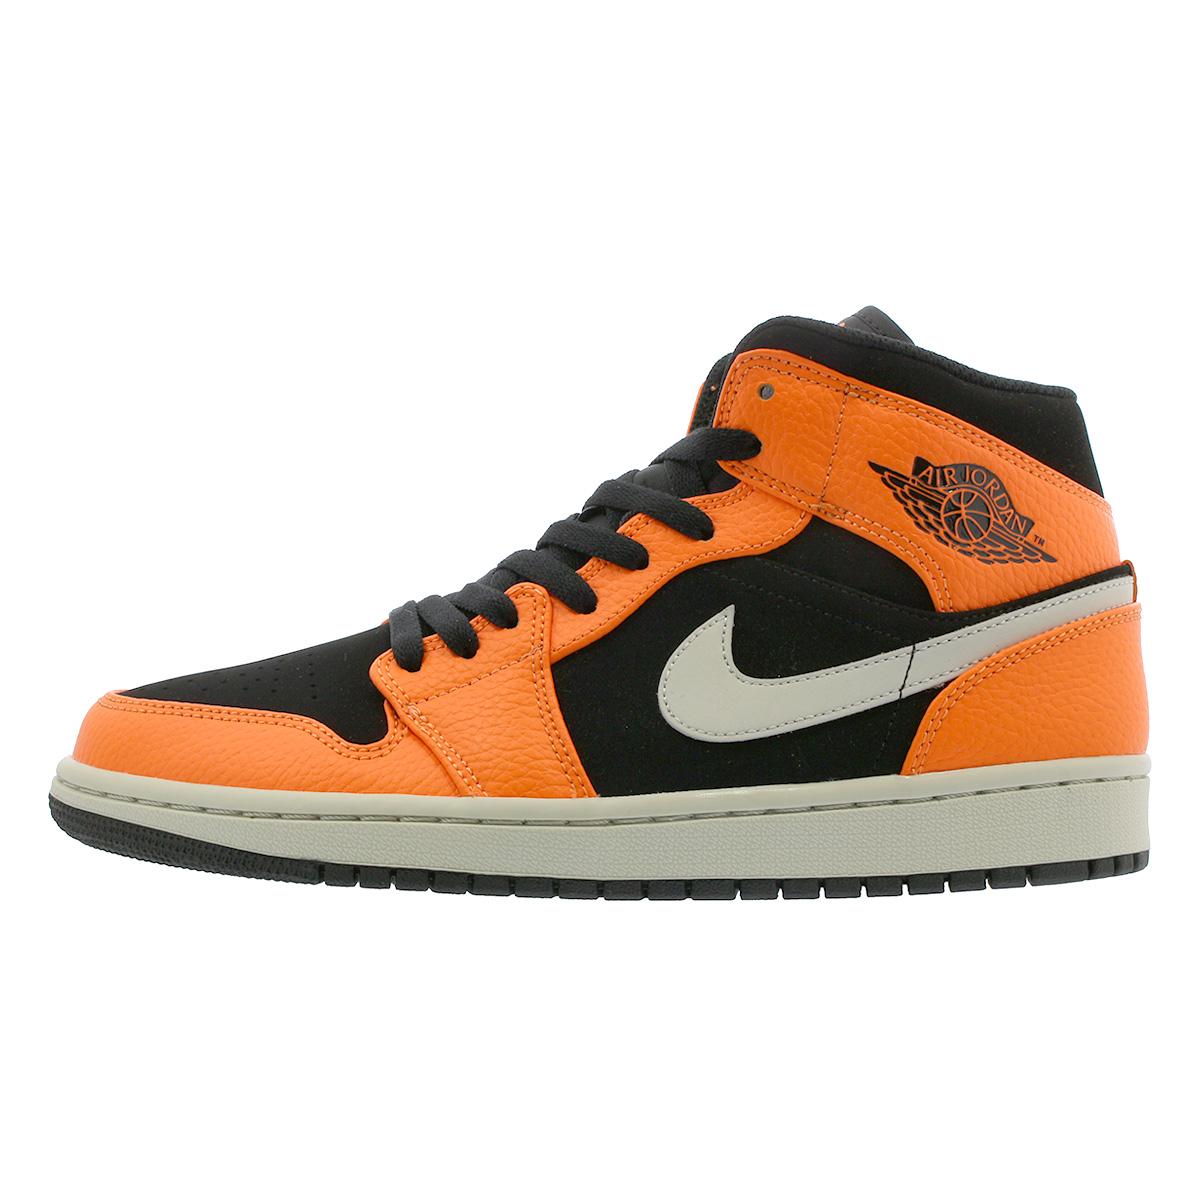 5948c10b1a9 ... NIKE AIR JORDAN 1 MID Nike Air Jordan 1 mid BLACK/CONE/LIGHT BONE ...